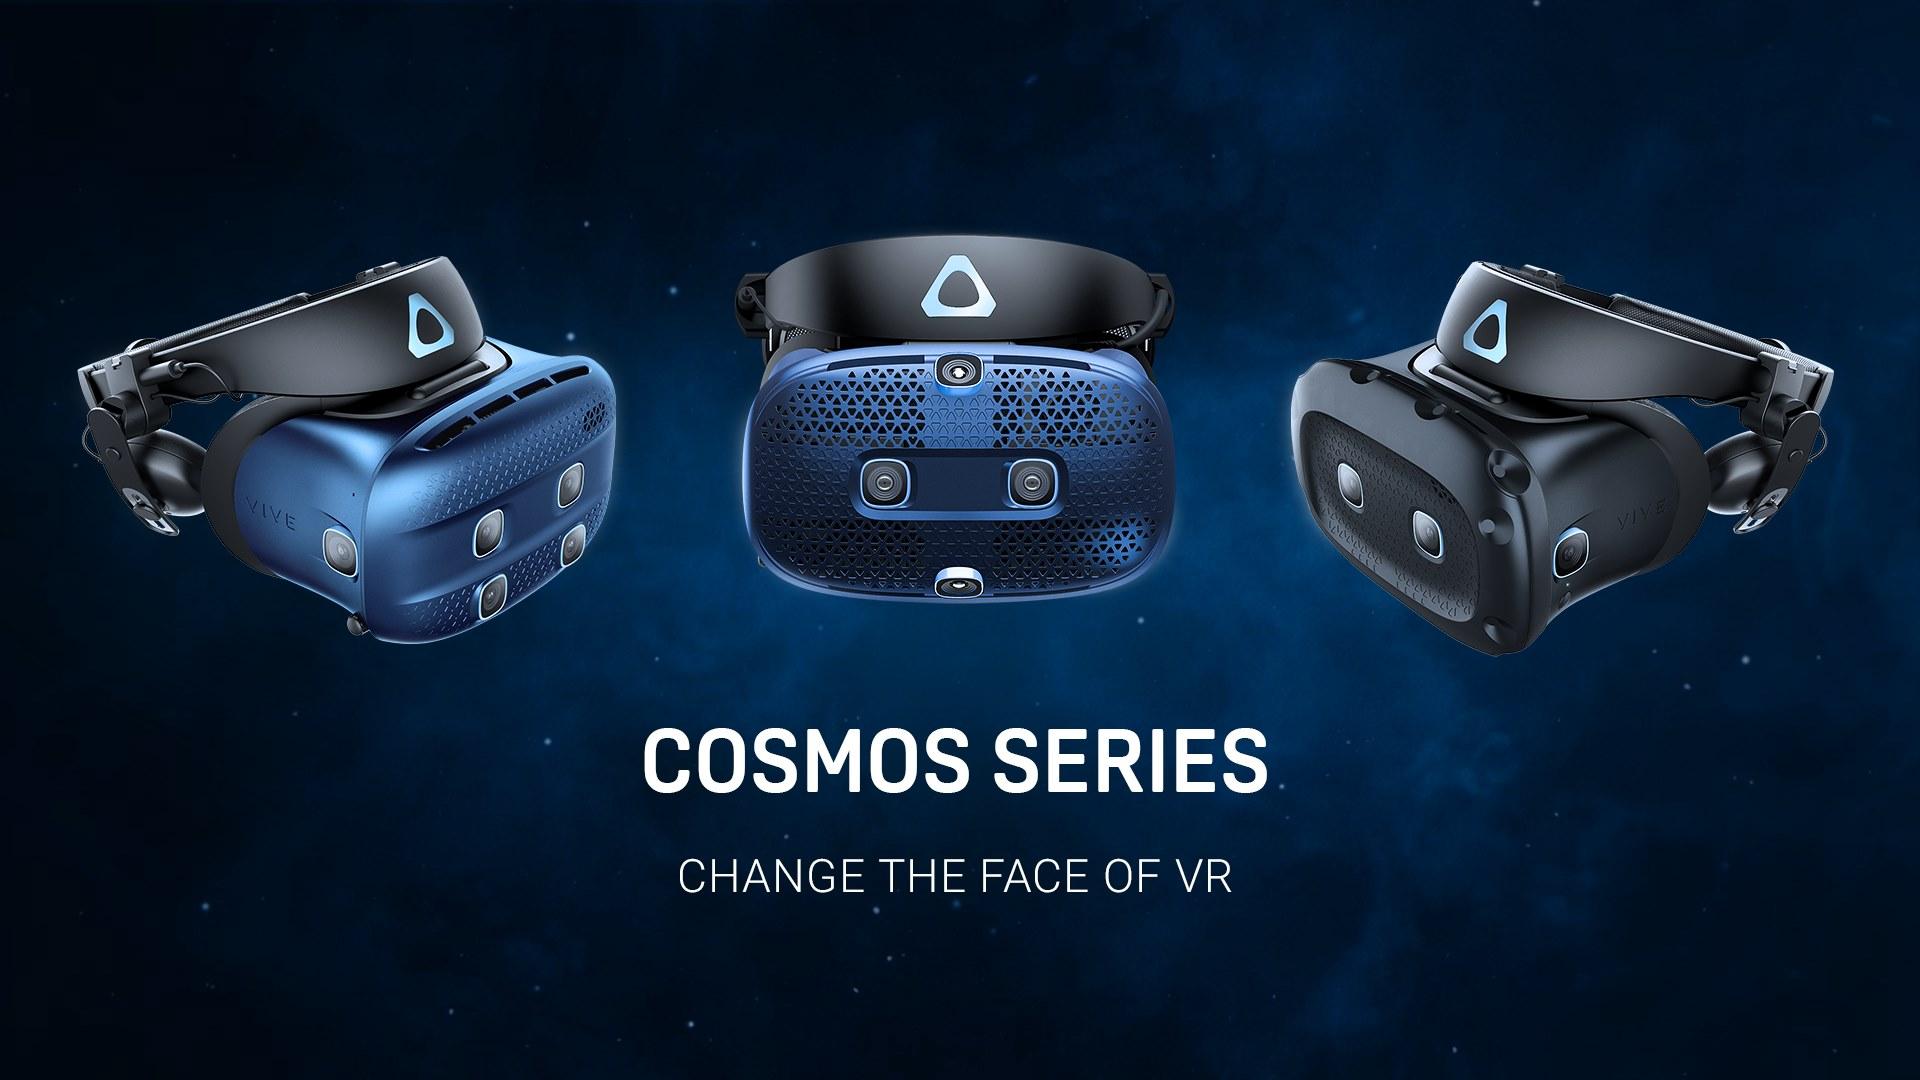 Vive Cosmos - HTC lance trois nouveaux casques VR avec plaques frontales interchangeables